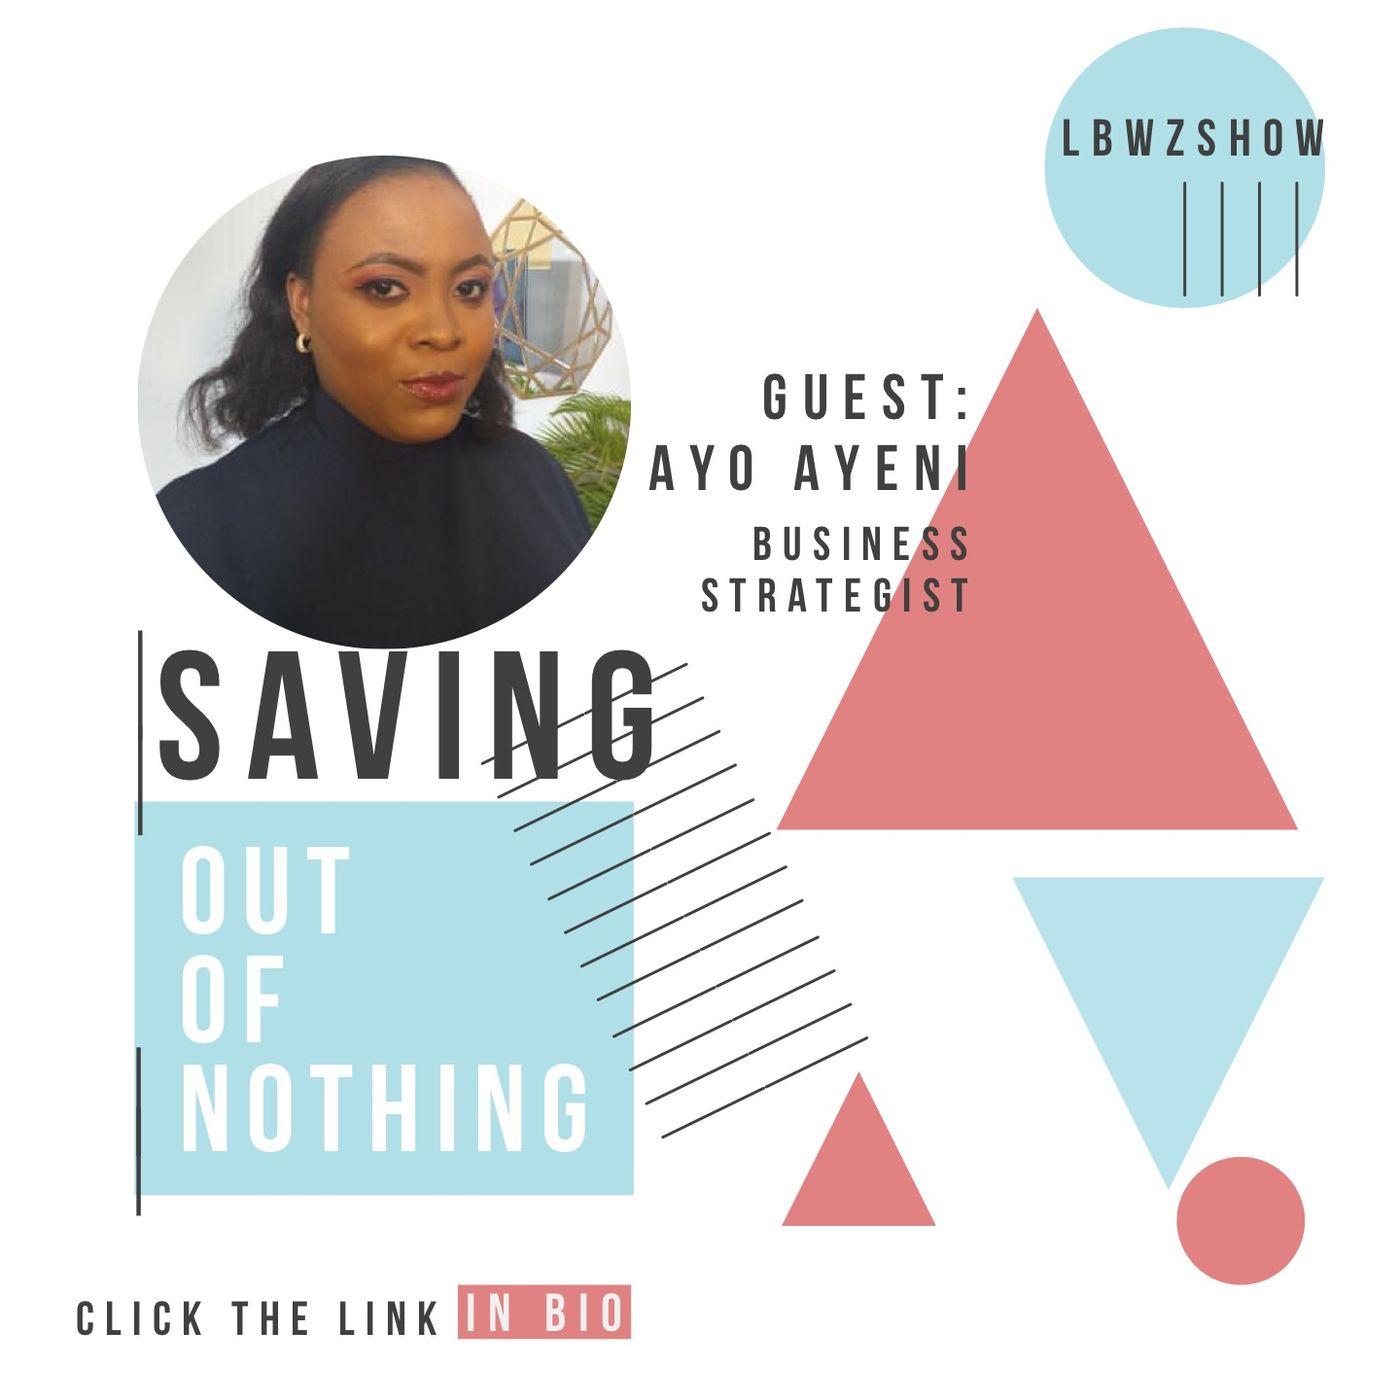 Living Better With Zeeka- LBWZshow on Jamit